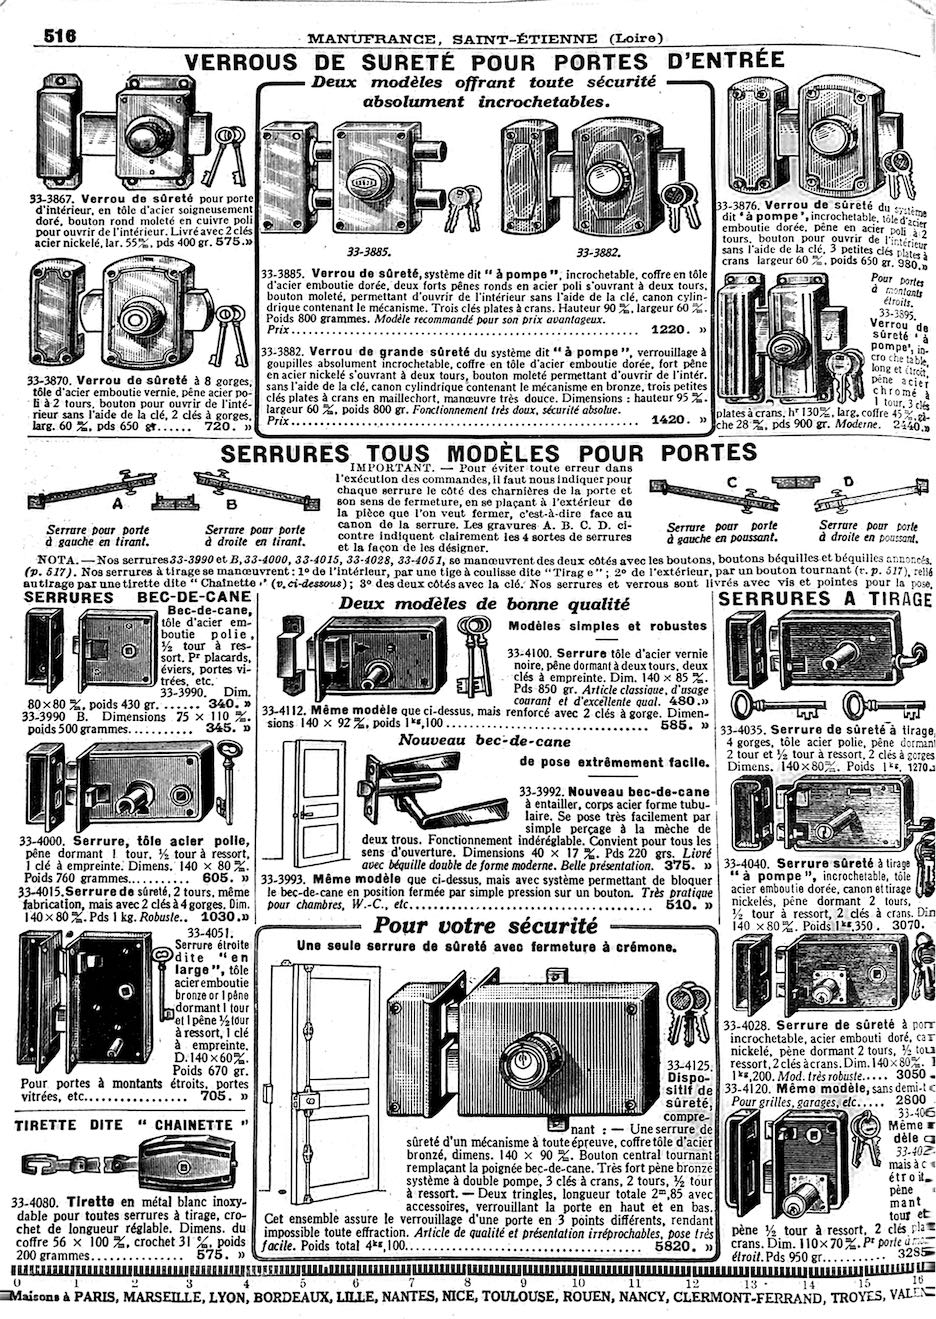 Manufrance - Verrous de sûreté